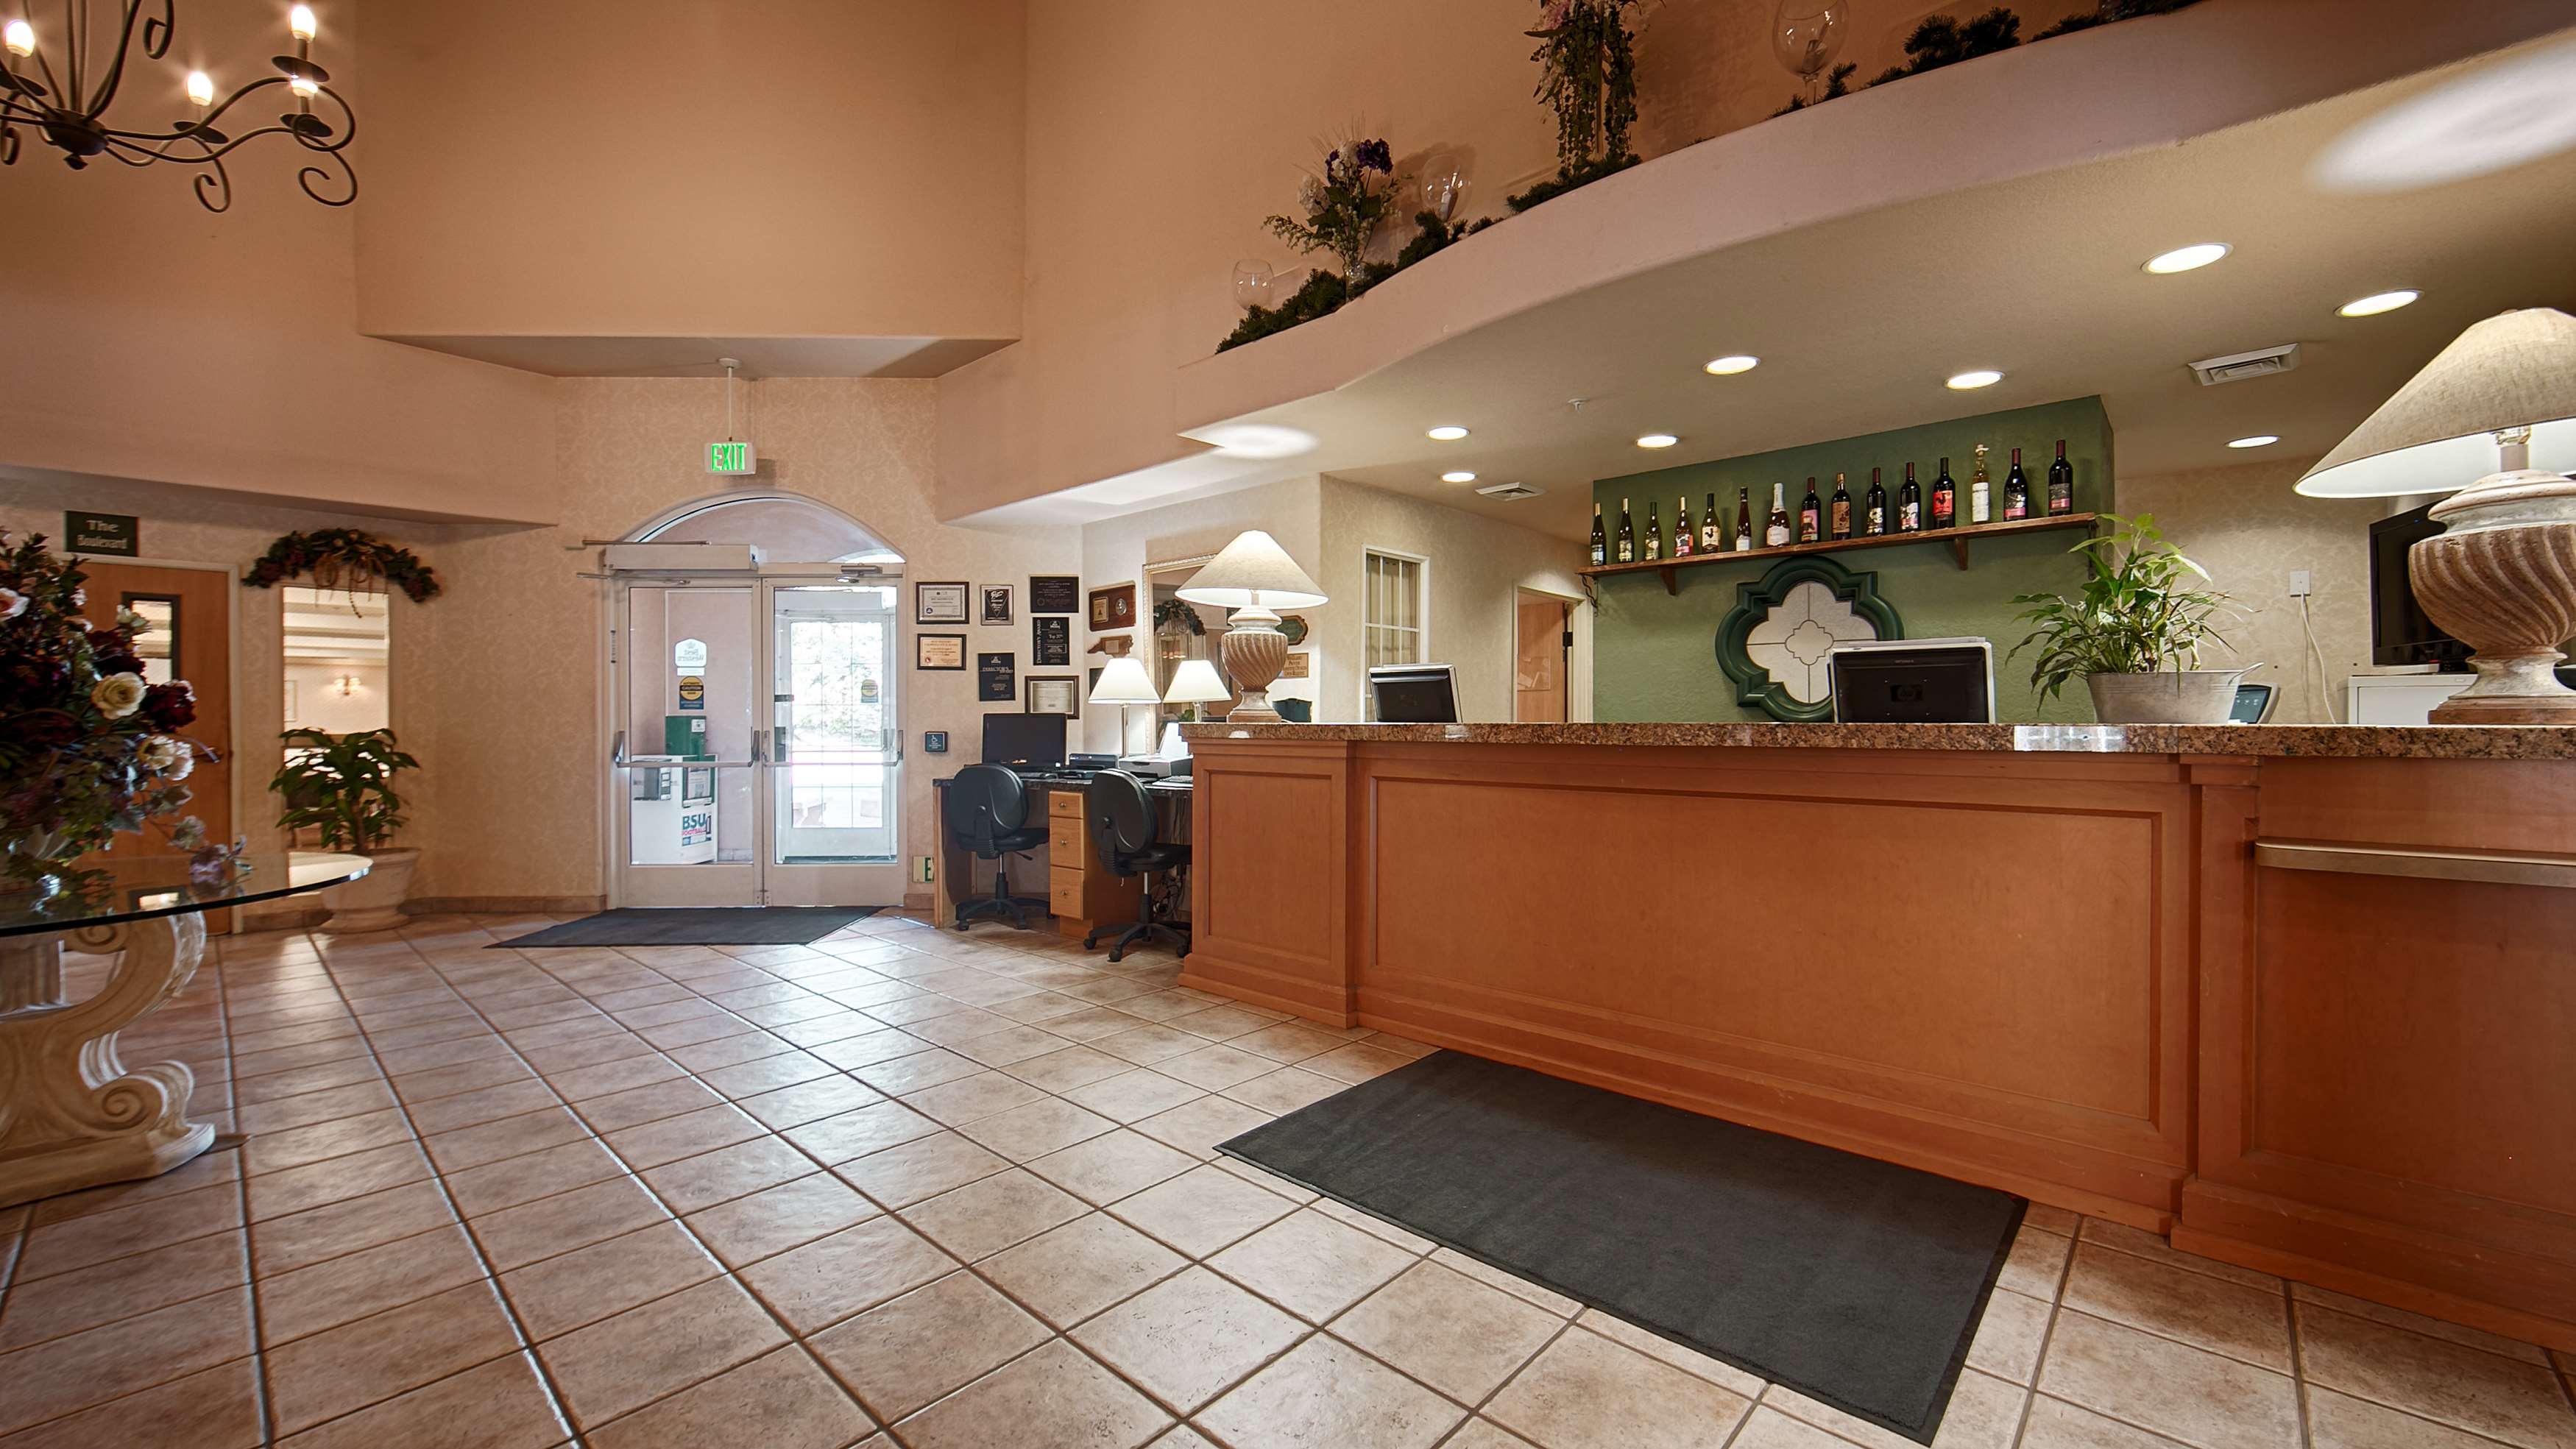 Best Western Plus Caldwell Inn & Suites image 6